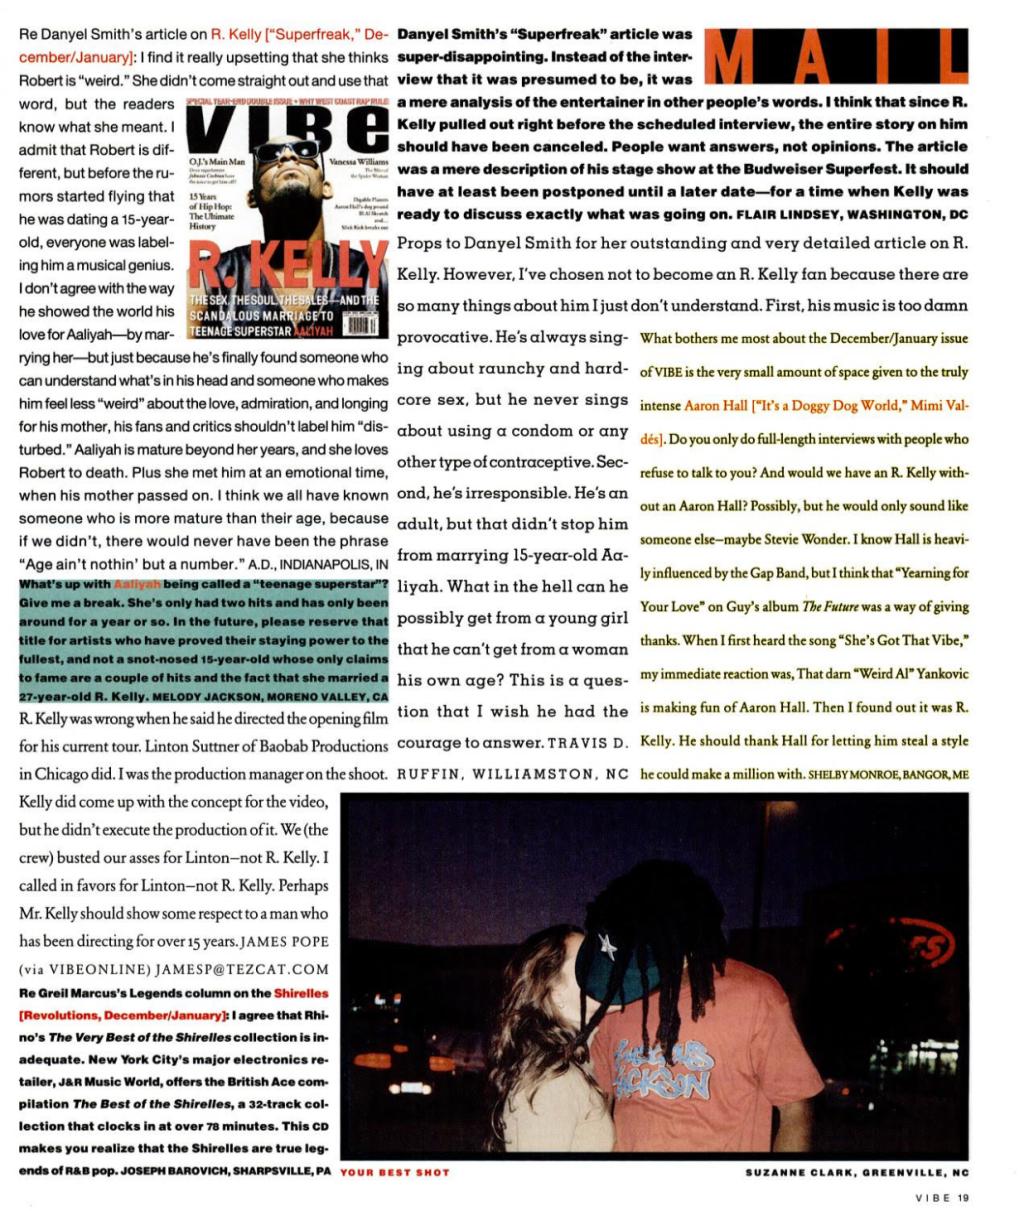 r-kelly-cover-story-fan-mail-in-mar-1995-fan-mail